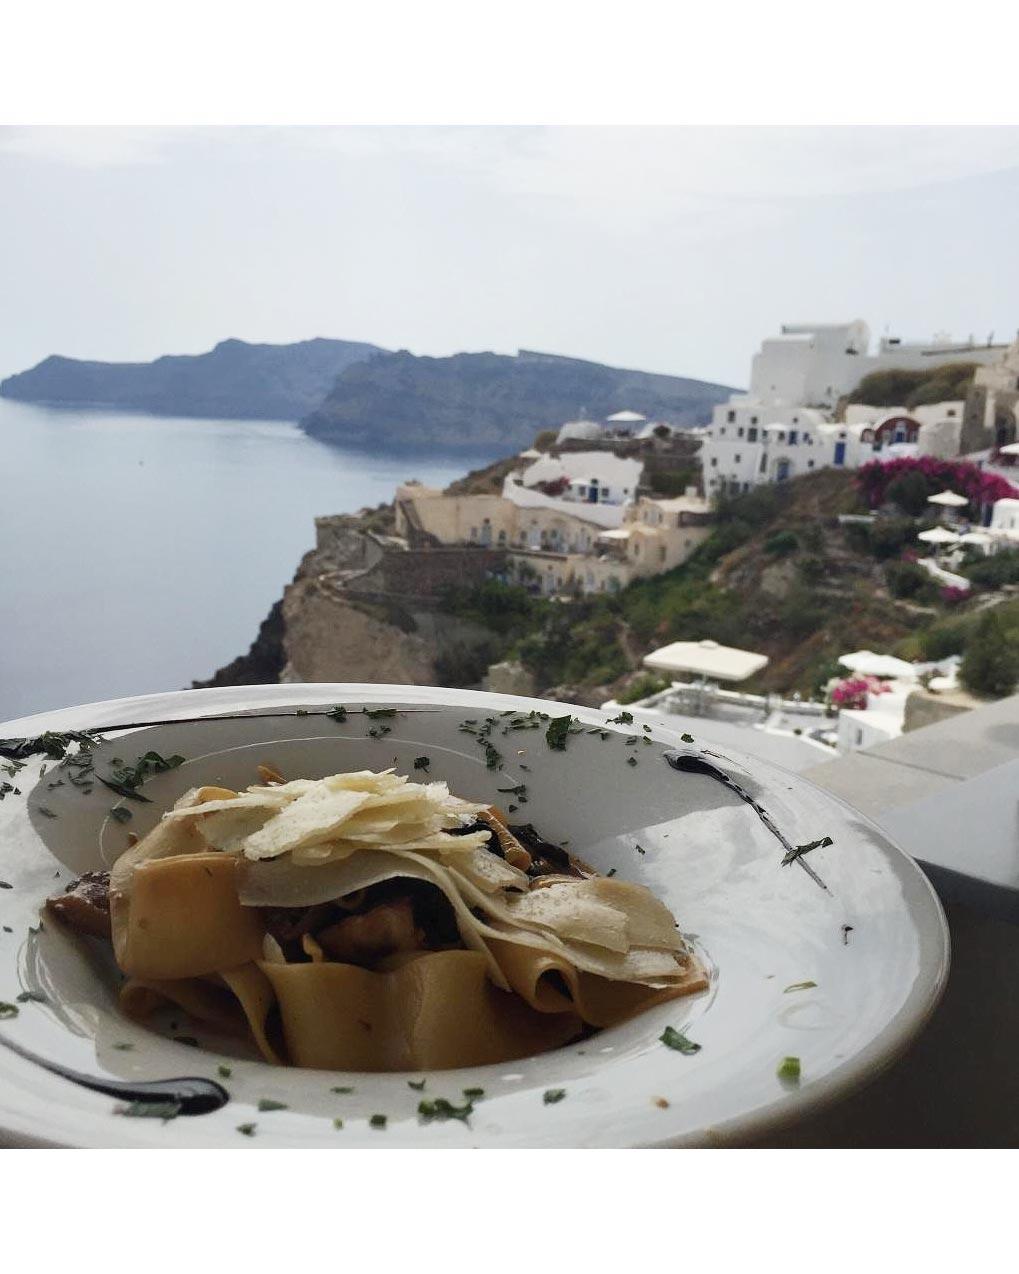 mediterranean-adventure-unforgettable-meal-0216.jpg